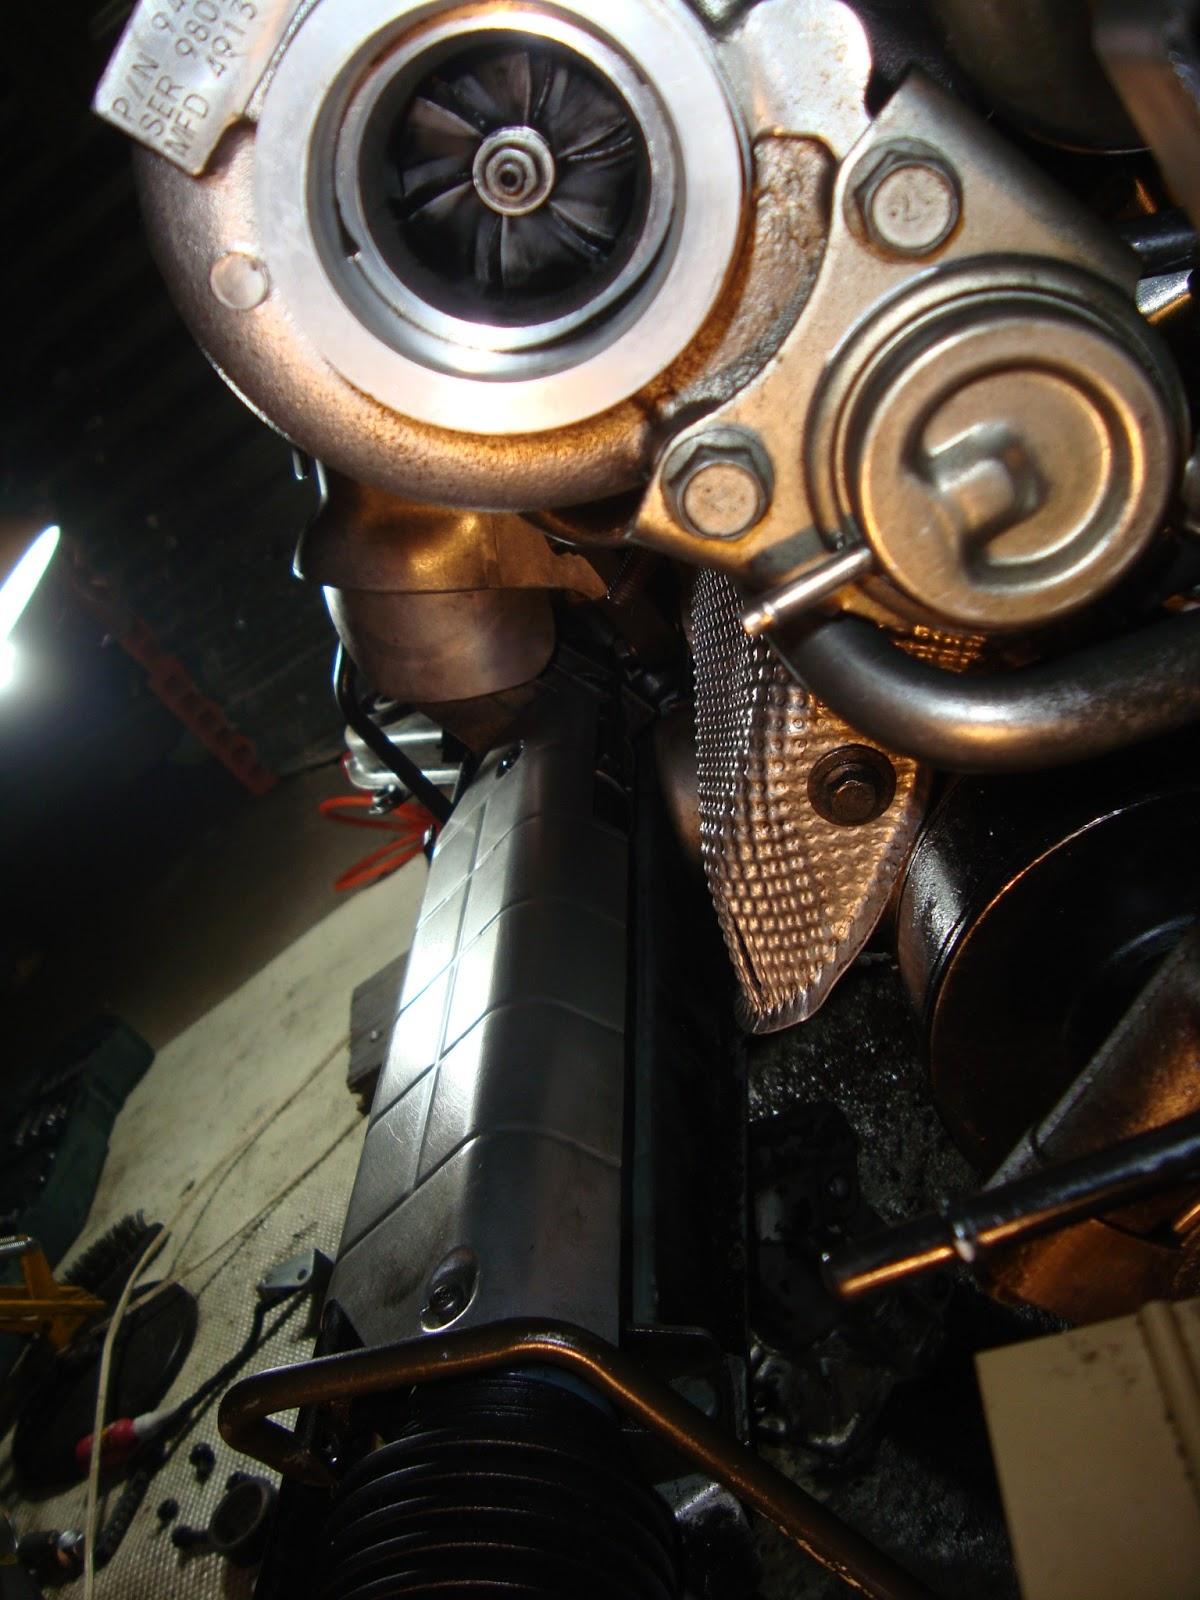 P0299 Fallo En La Presion Del Turbo Soluciones